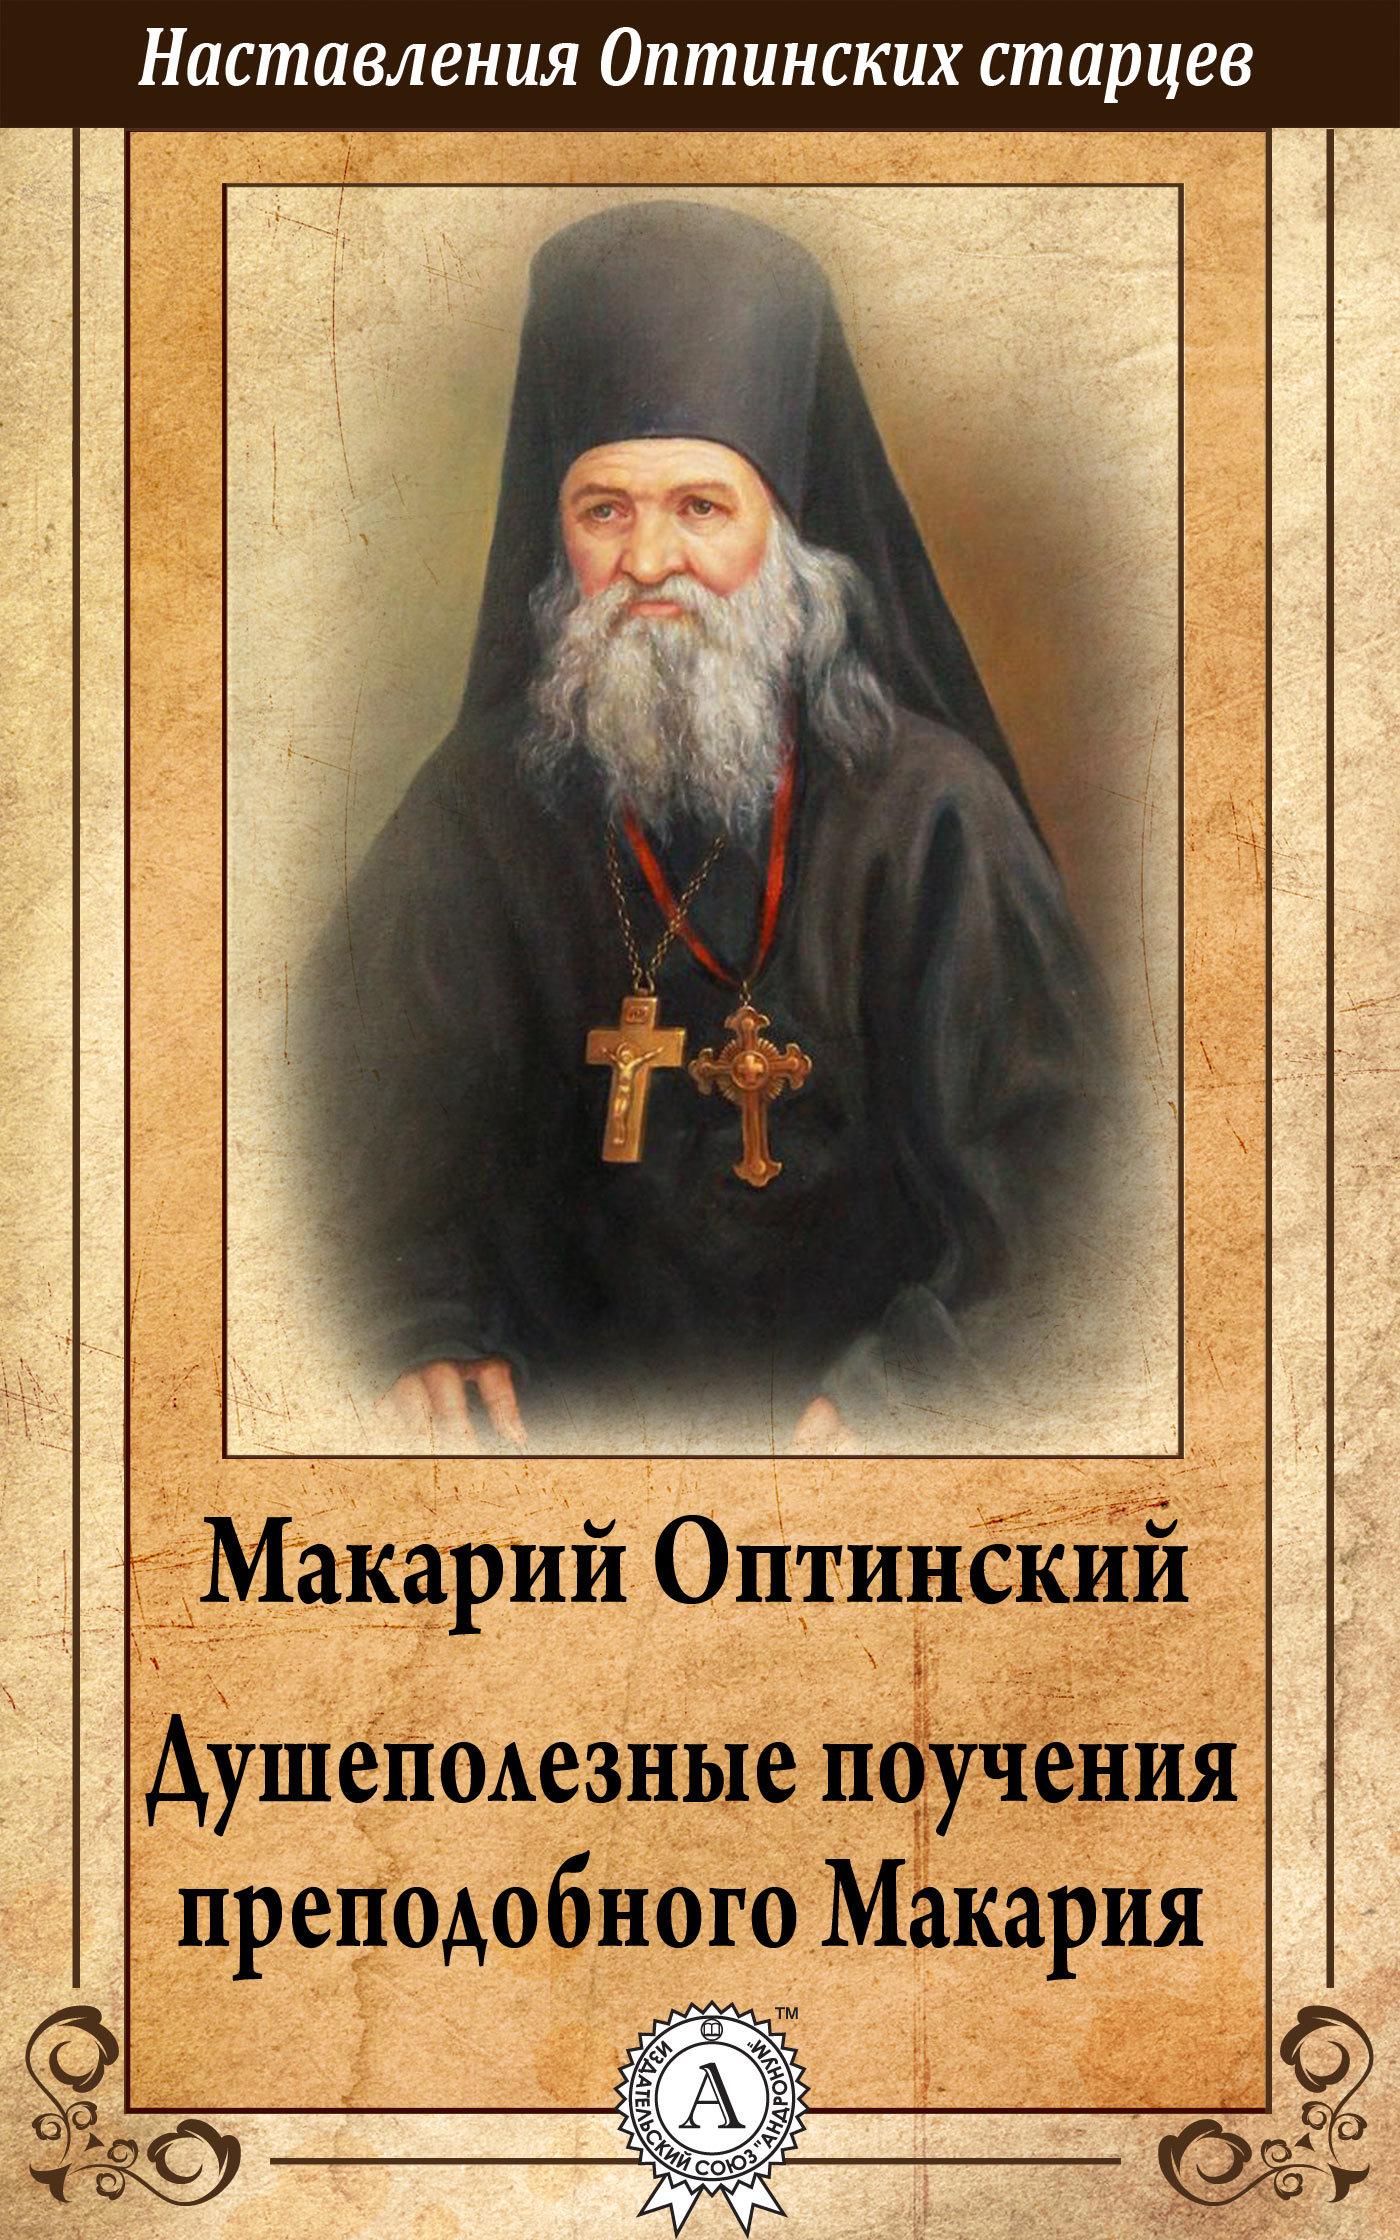 преподобный Макарий Оптинский Душеполезные поучения преподобного Макария Оптинского